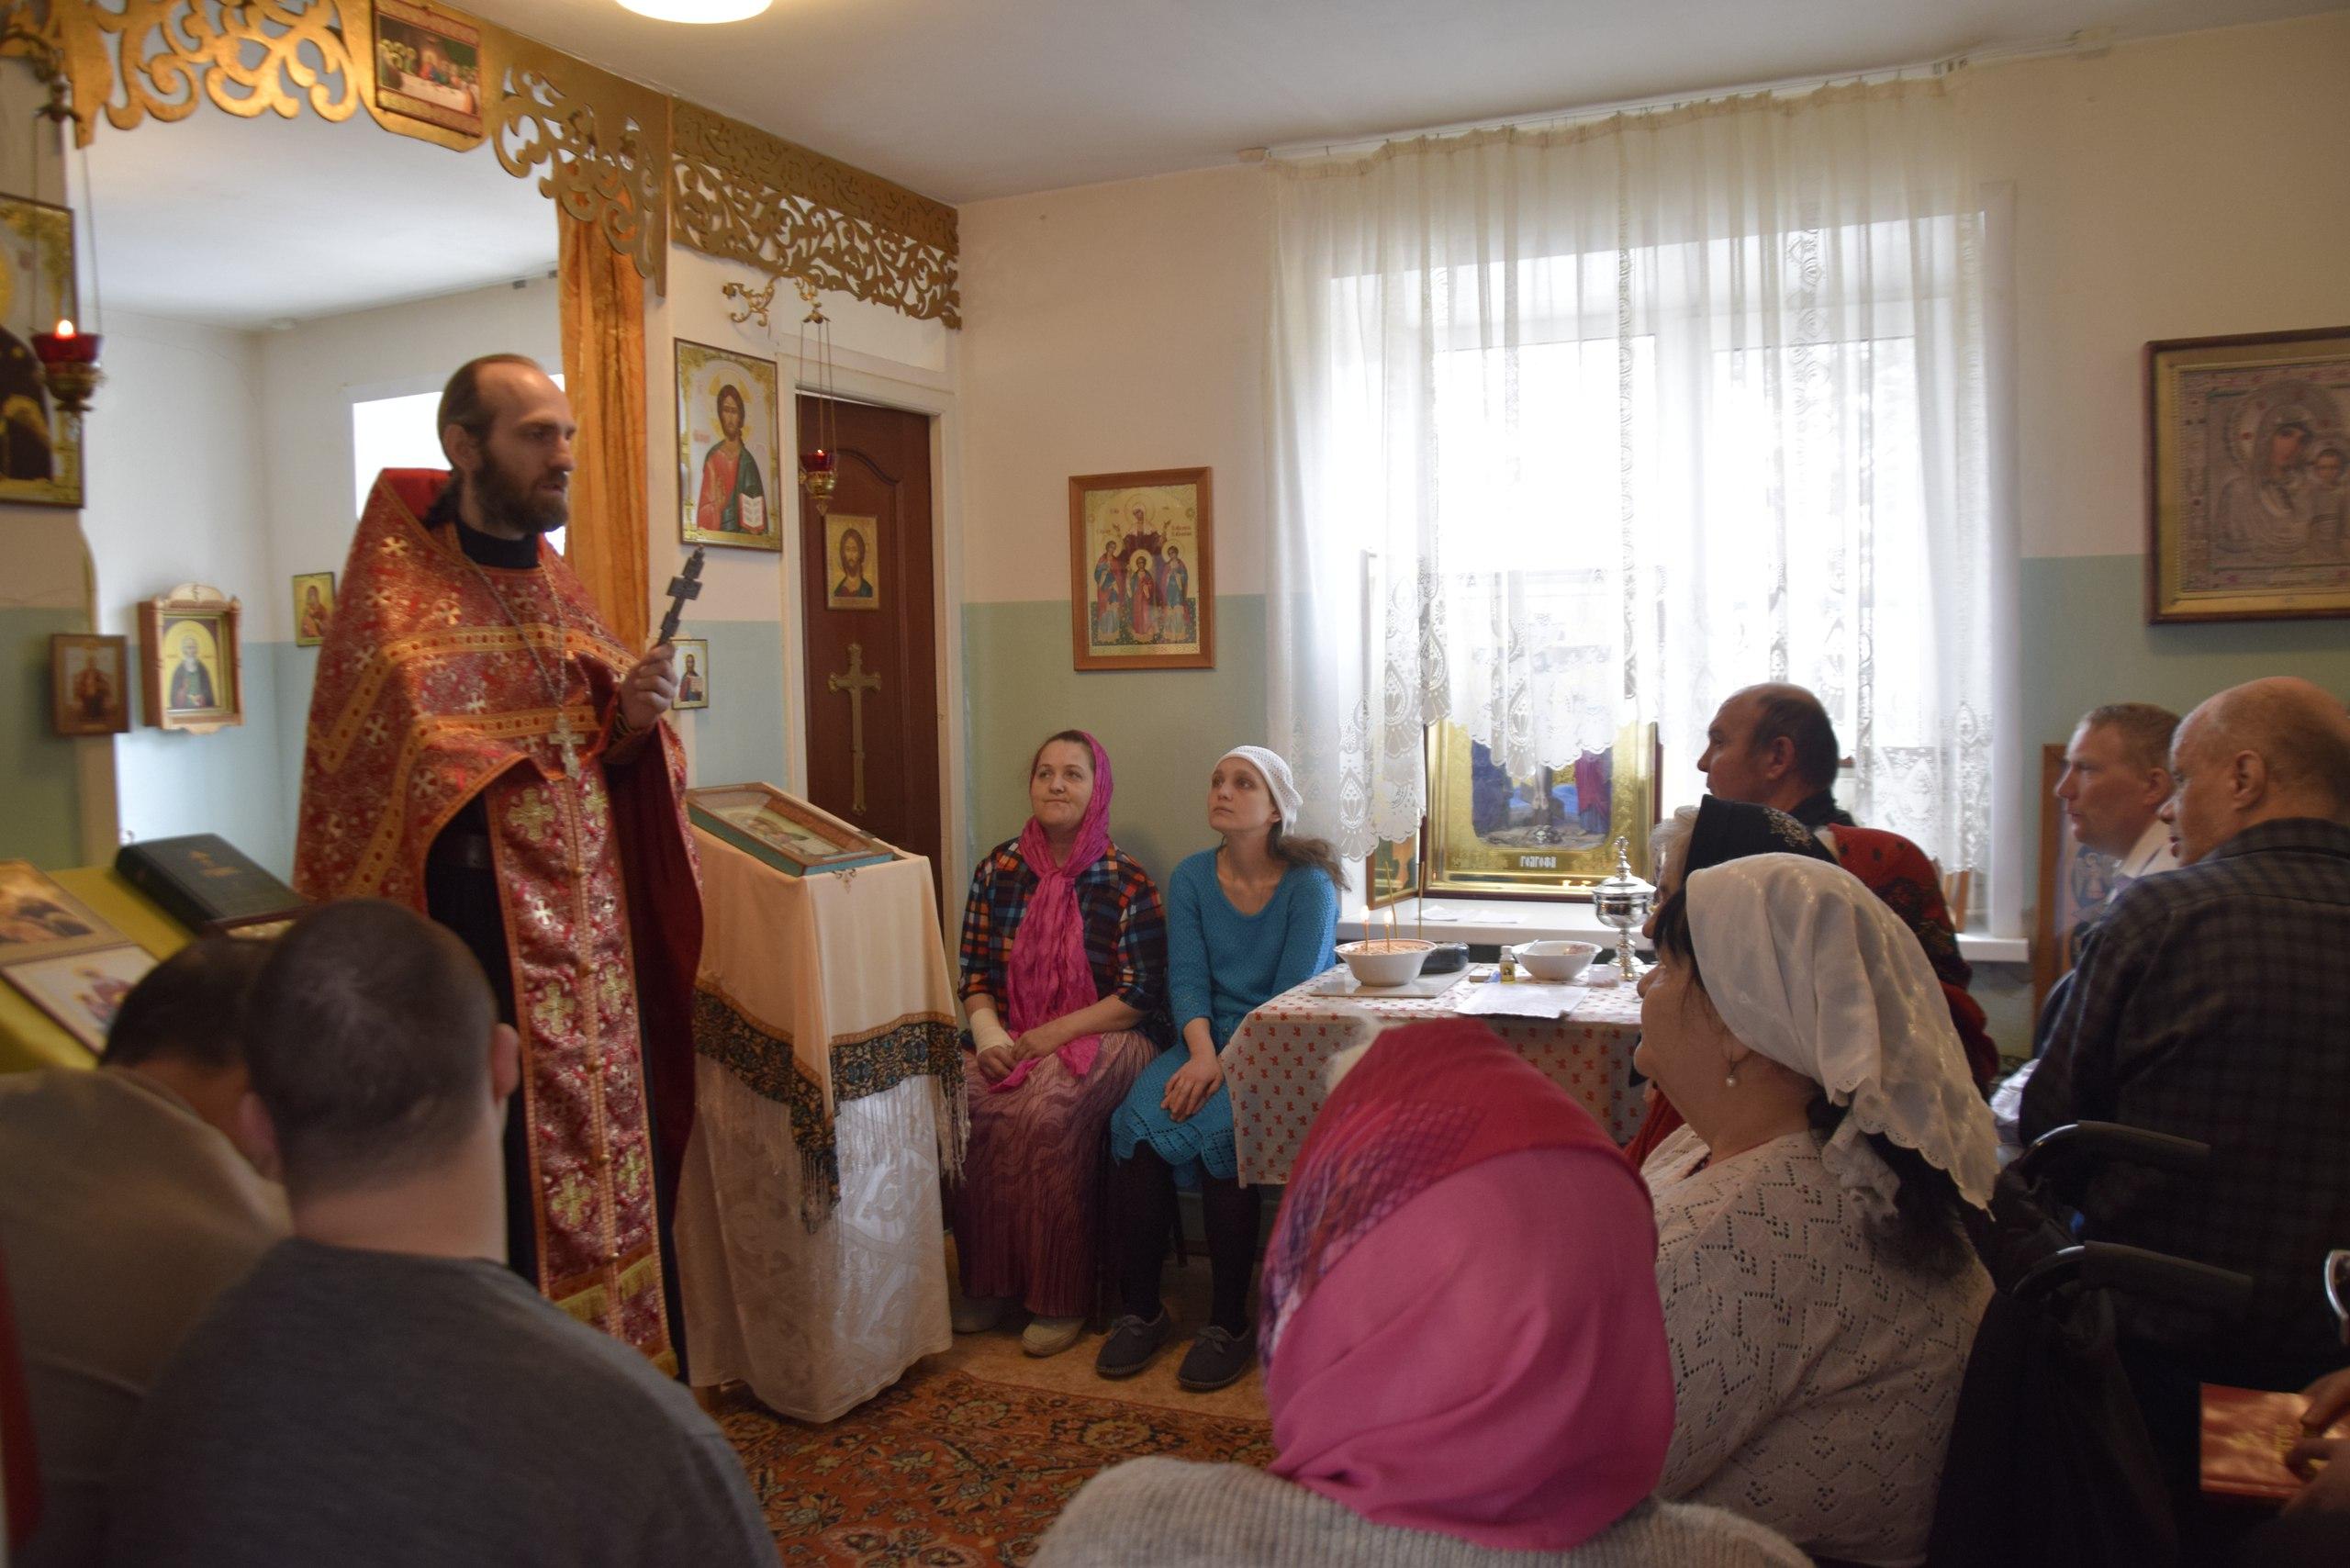 Пансионат престарелых с храмом адреса домов престарелых по нижегородской области